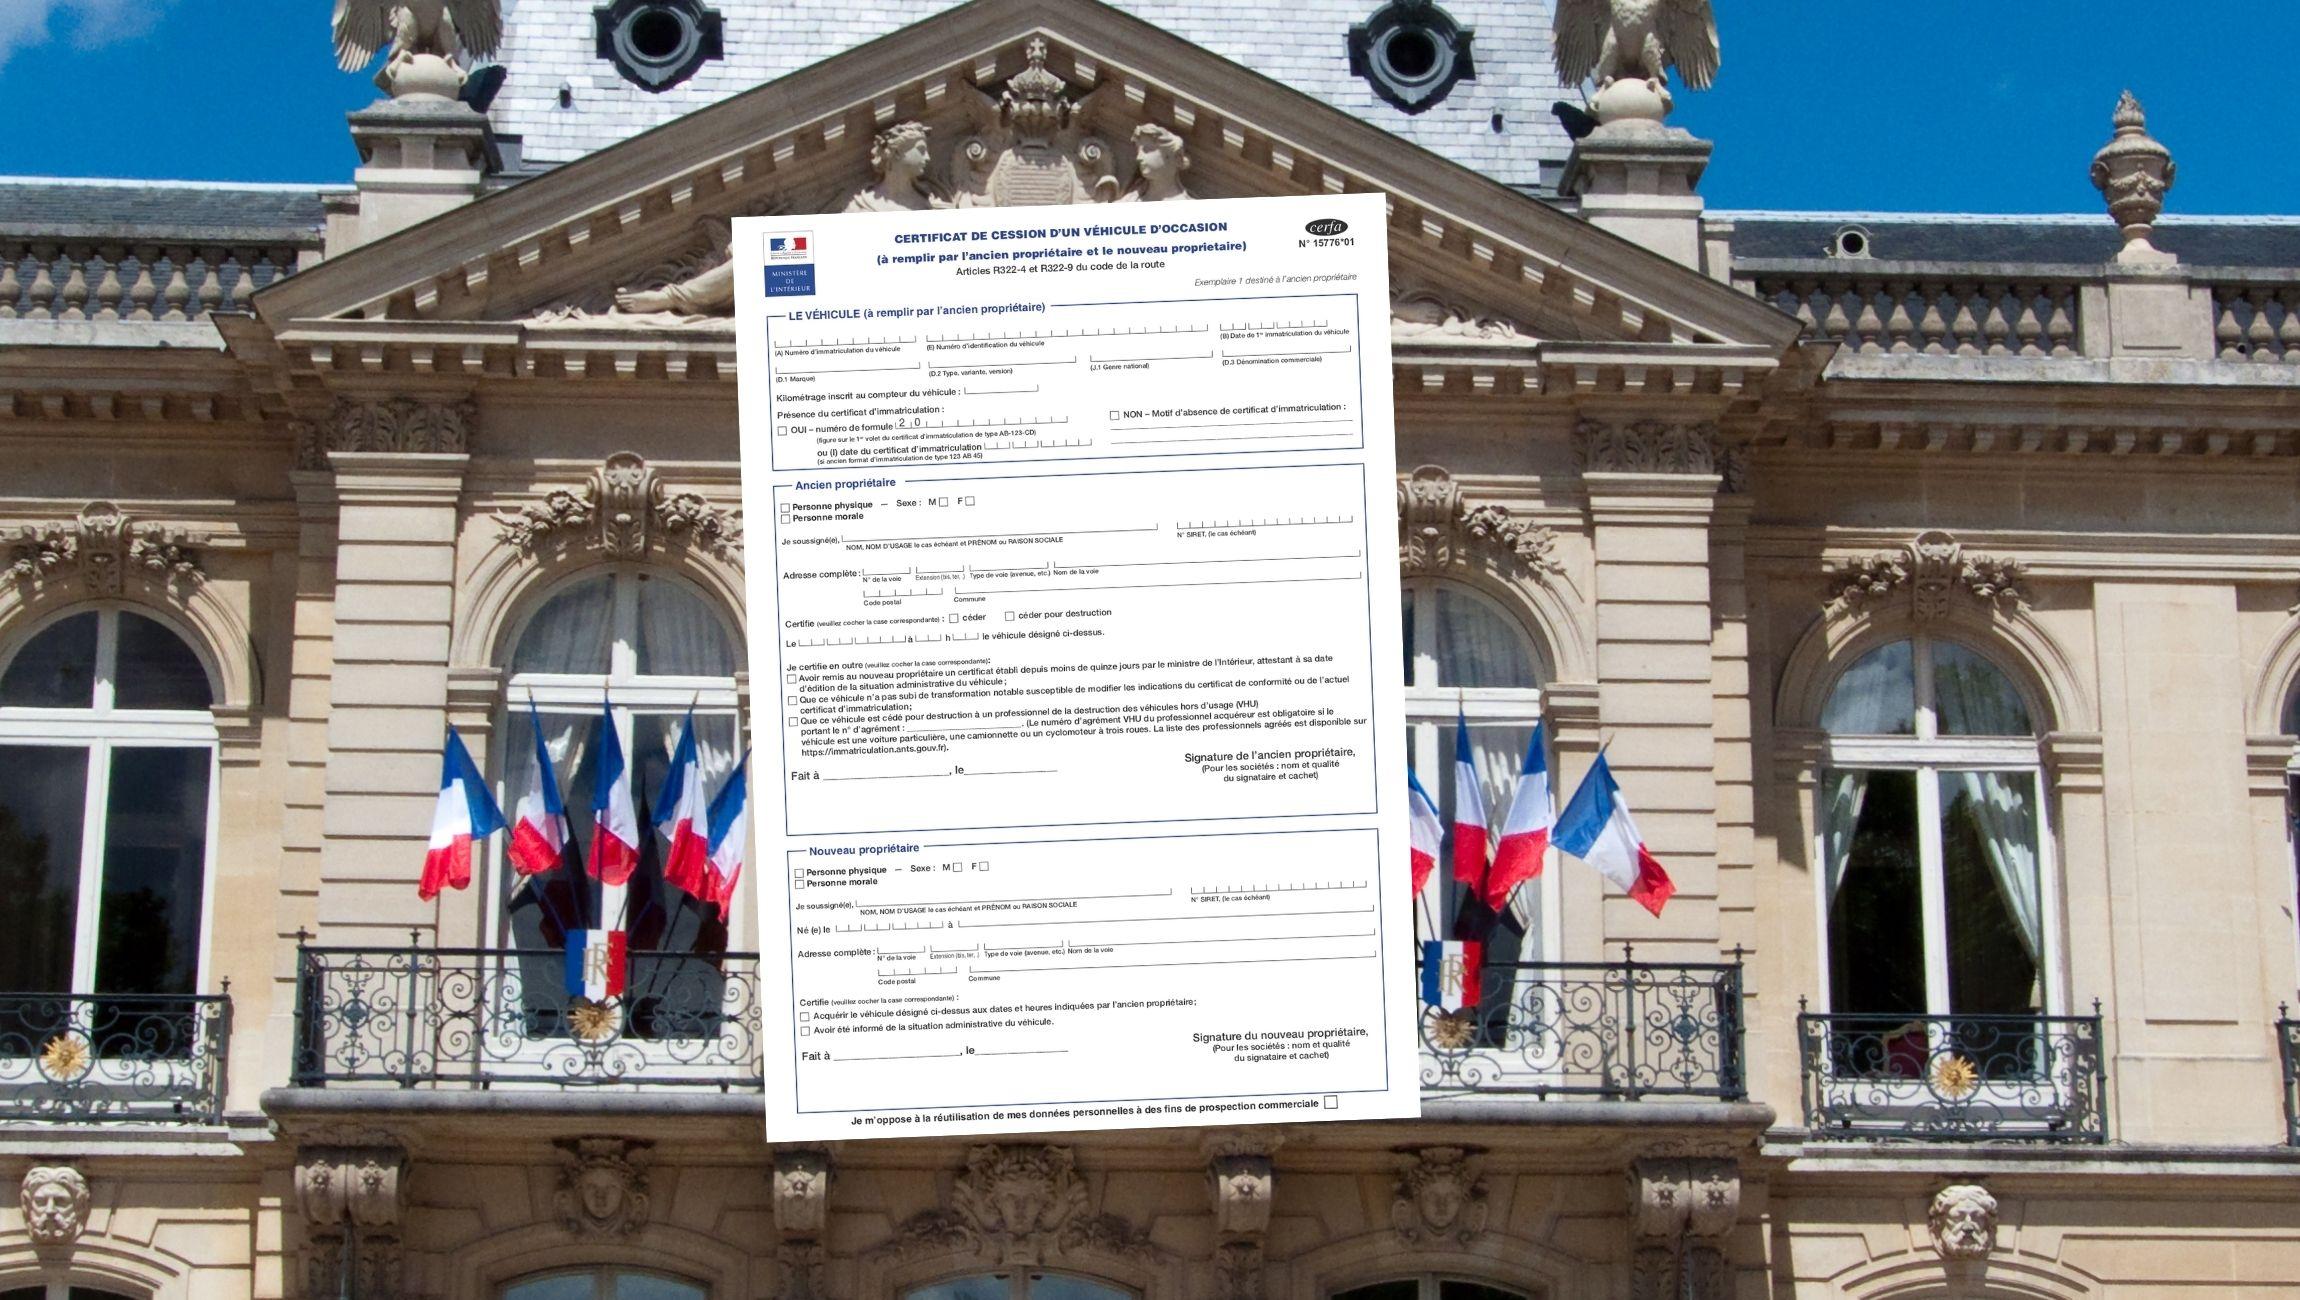 Certificat de cession préfecture